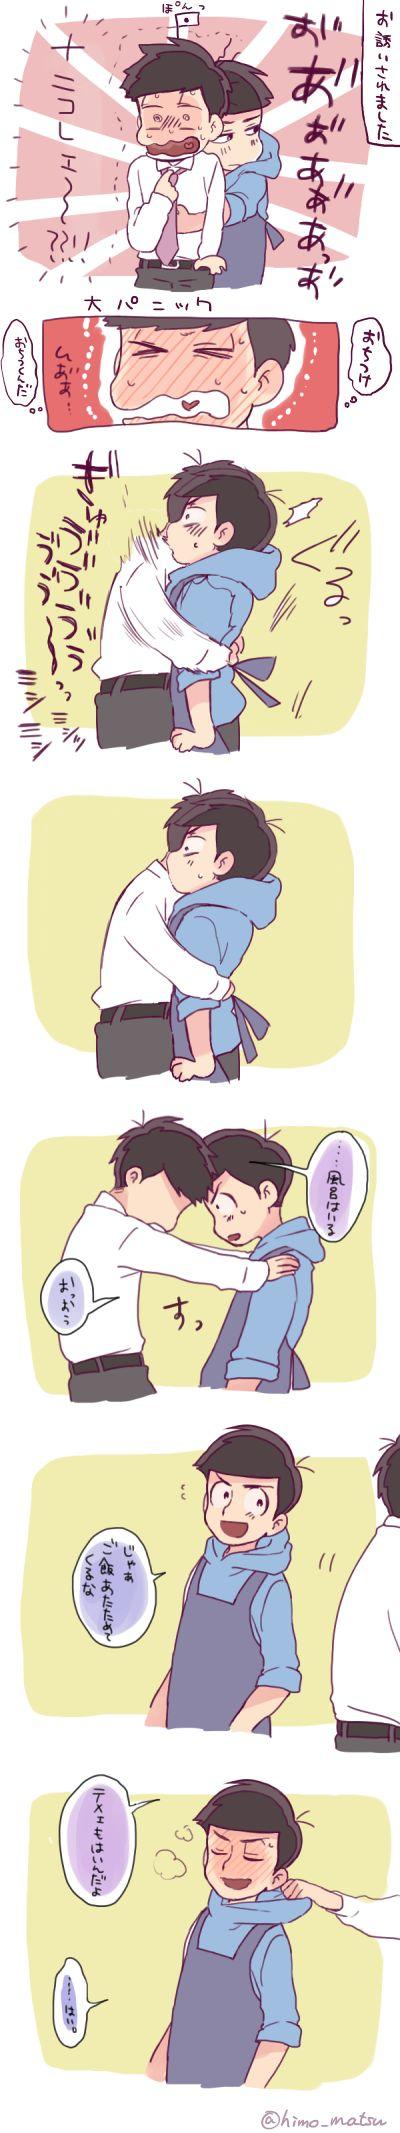 「【腐】42中心ログ④」/「ひもしき」の漫画 [pixiv]